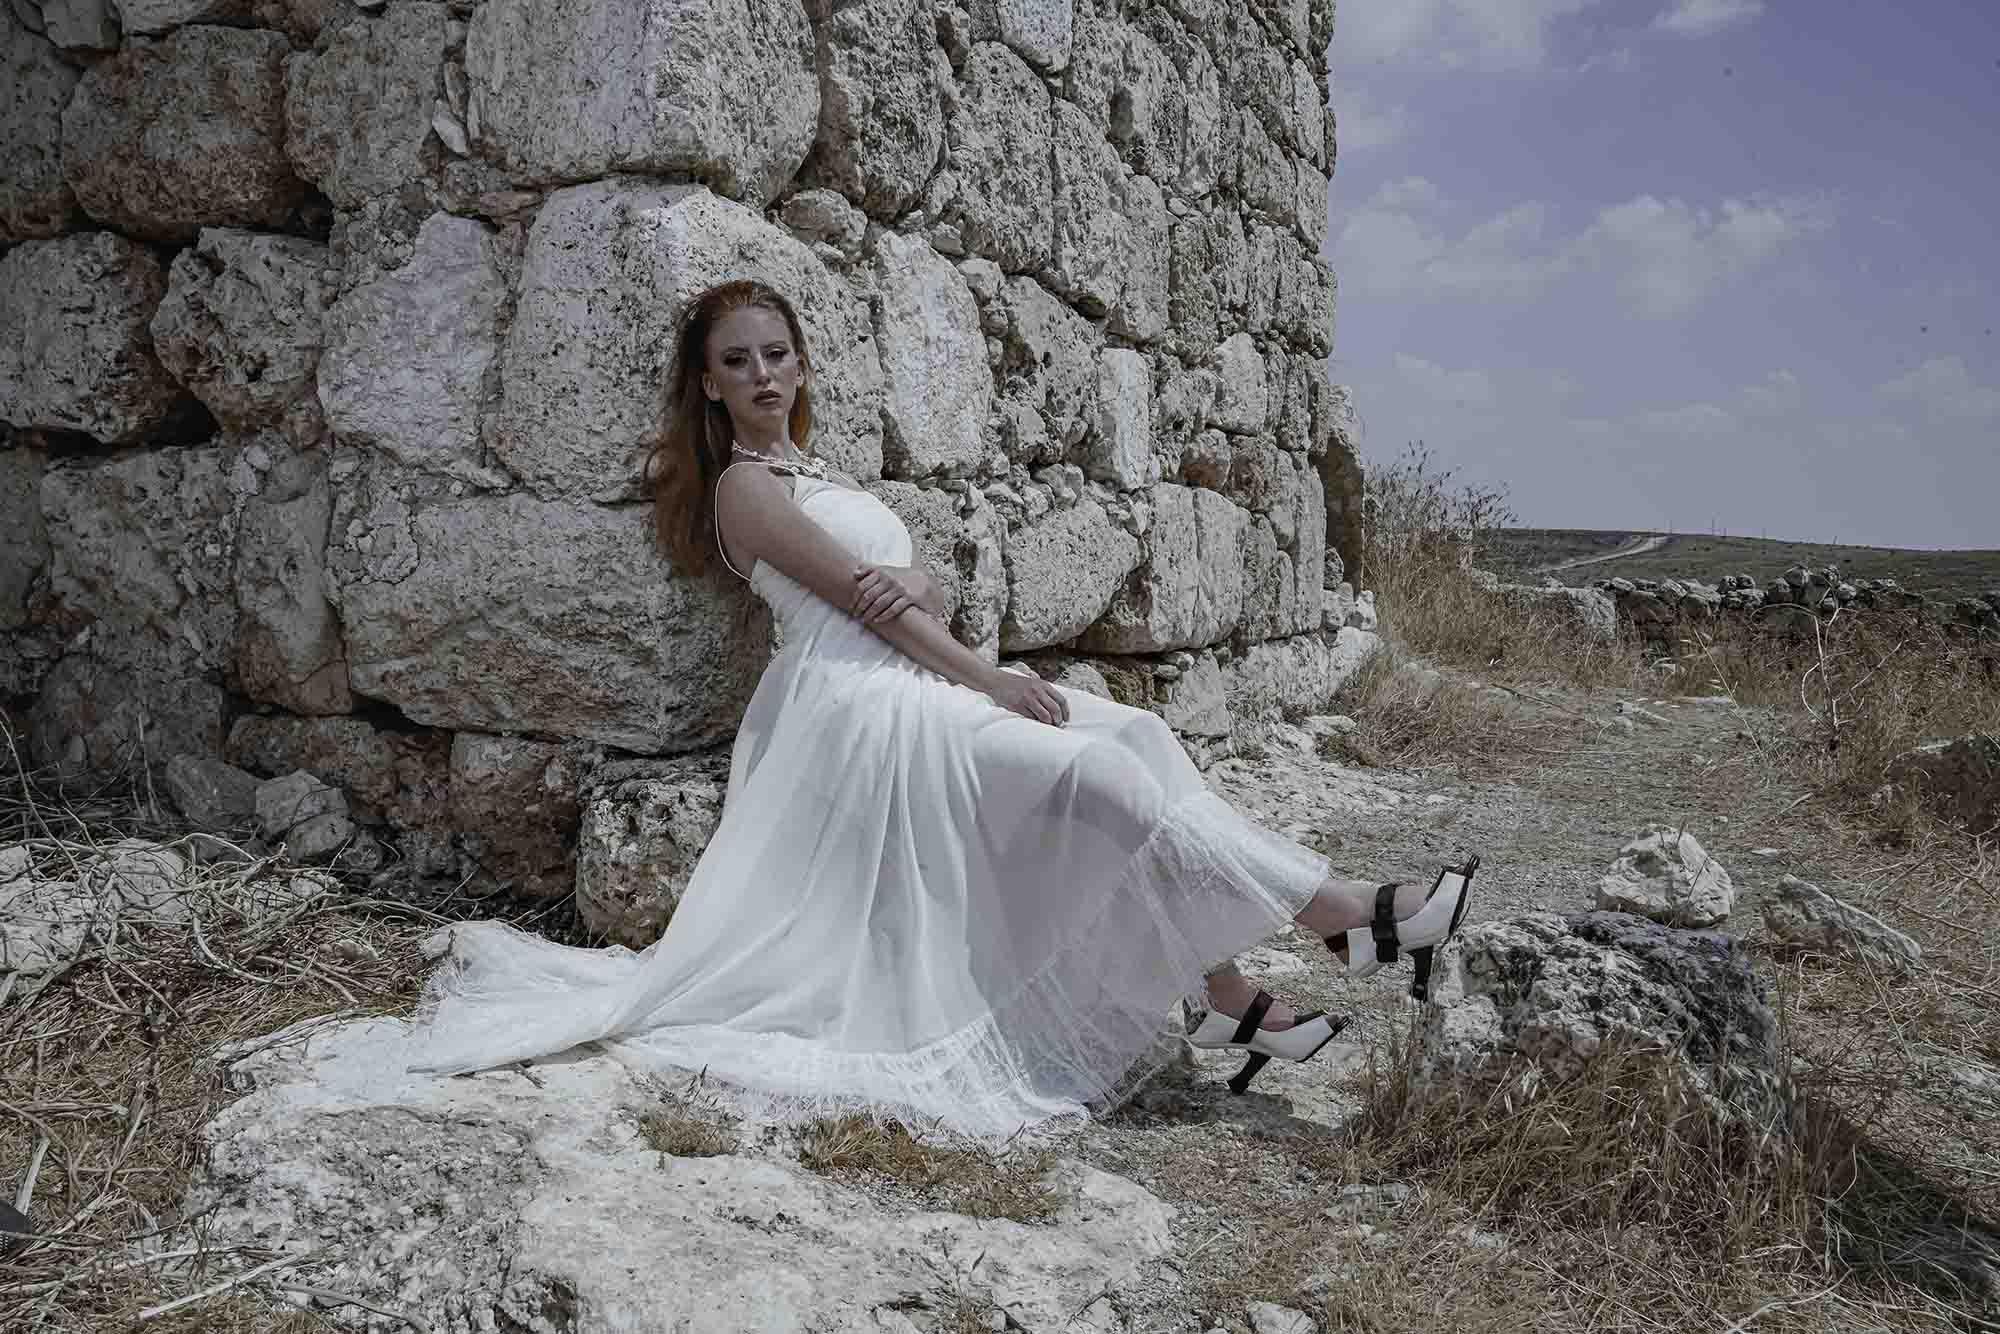 אופנה, איפור, אורנה רימוק, צילום, בן לאון, דוגמנית, אמילי זלצר, מגזין אופנה -16